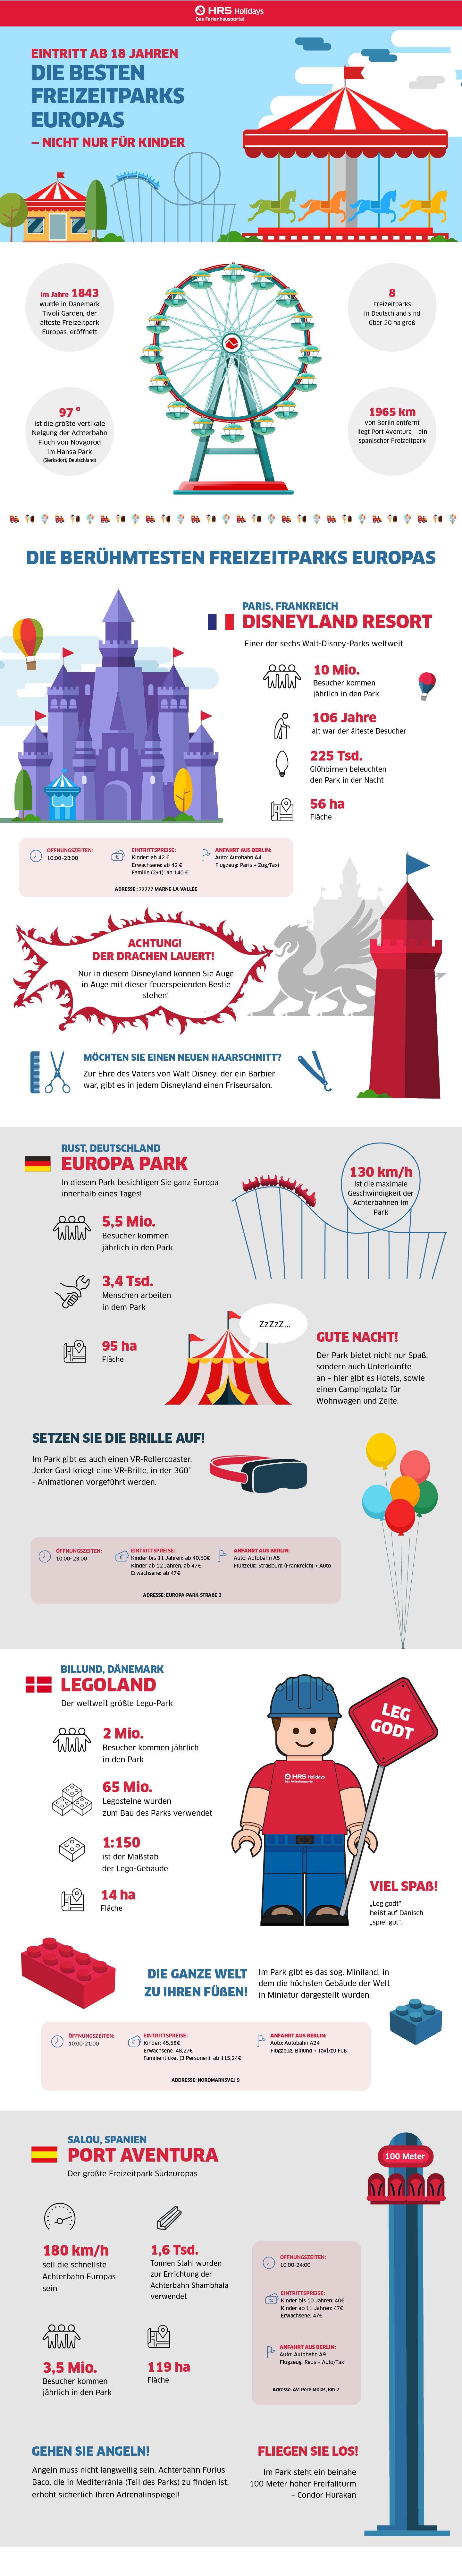 Die besten Freizeitparks Europas